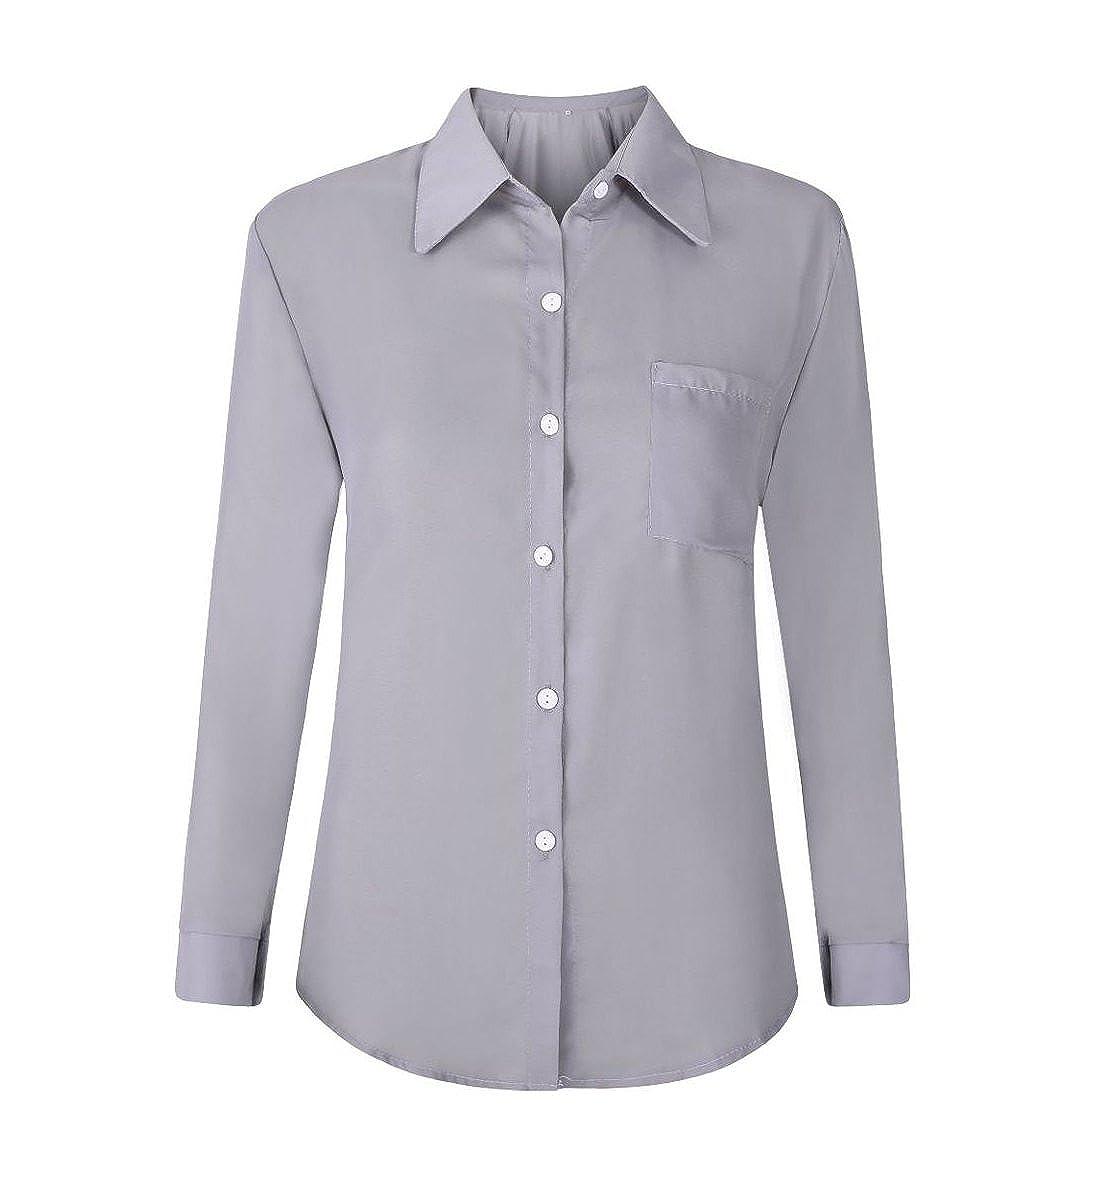 Camisa de Mujer Manga Larga Casual Blusa Tops Camiseta De La Gasa T/única Camisa Manga 3//4 Tama/ño Grande